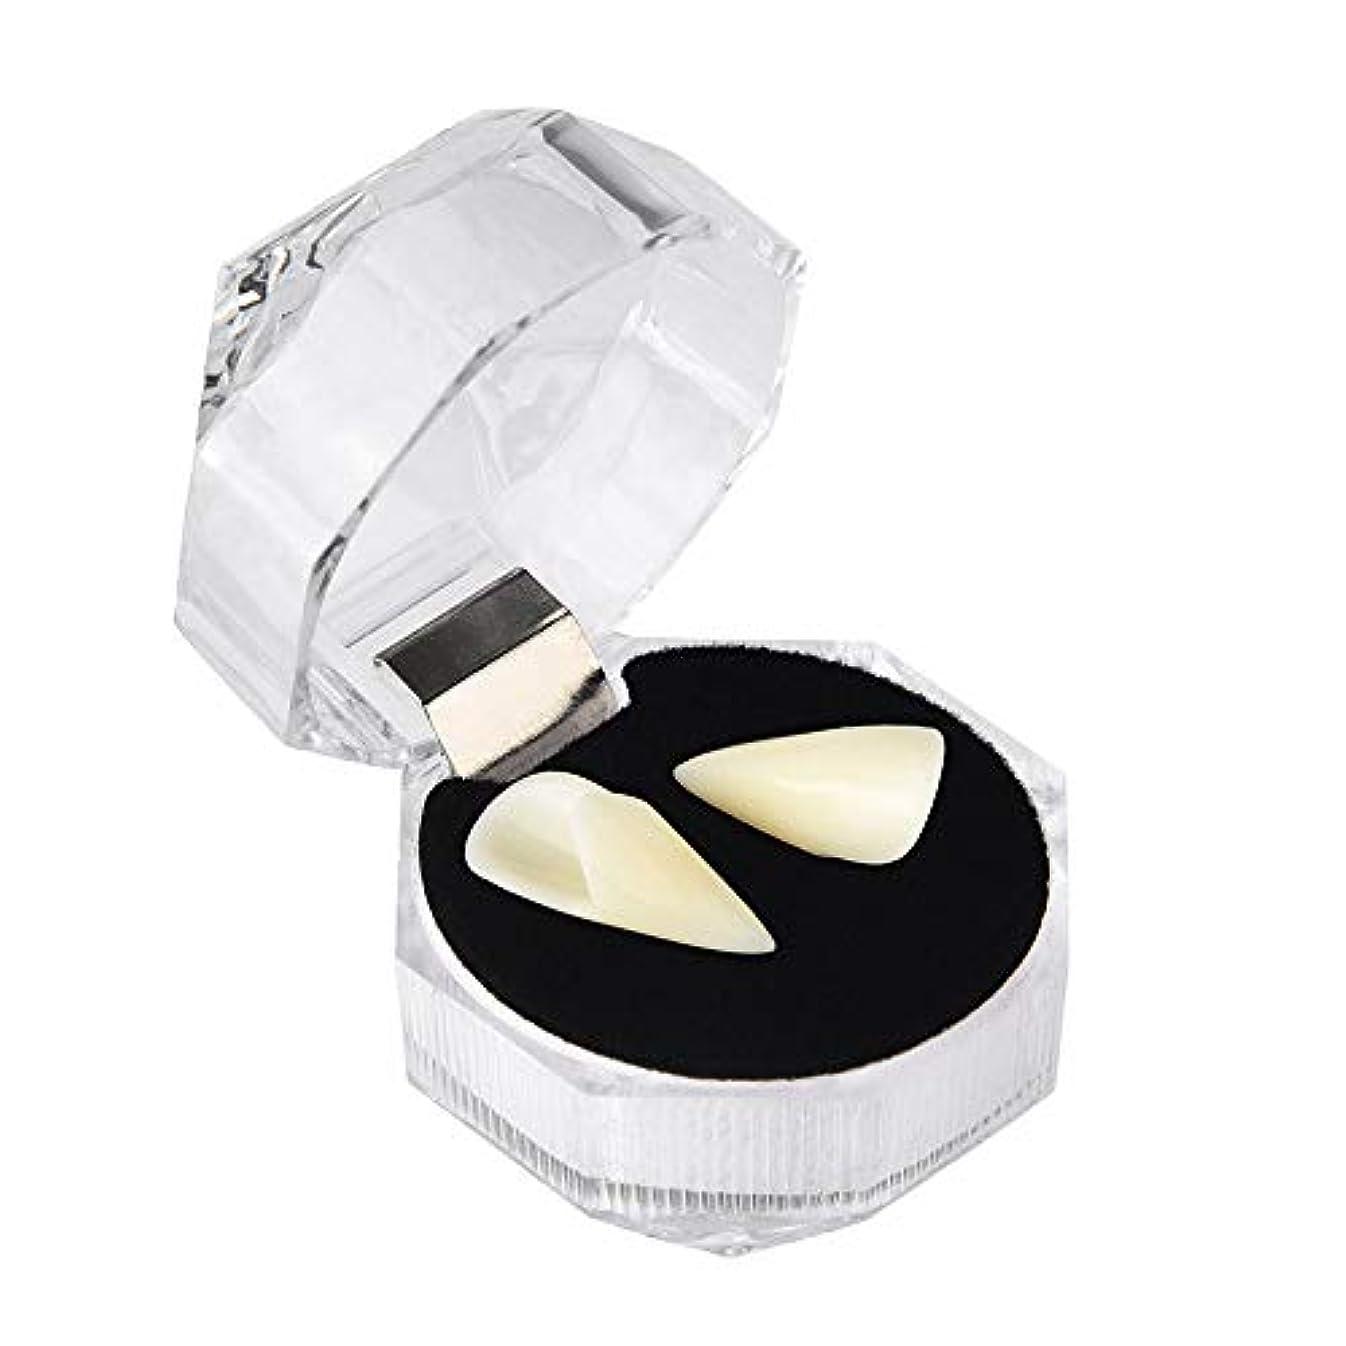 パラメータ政権項目ユニセックスハロウィーンロールプレイングゾンビ義歯、樹脂にやさしい食品グレード義歯(13mm、15mm、17mm、19mm),19mm